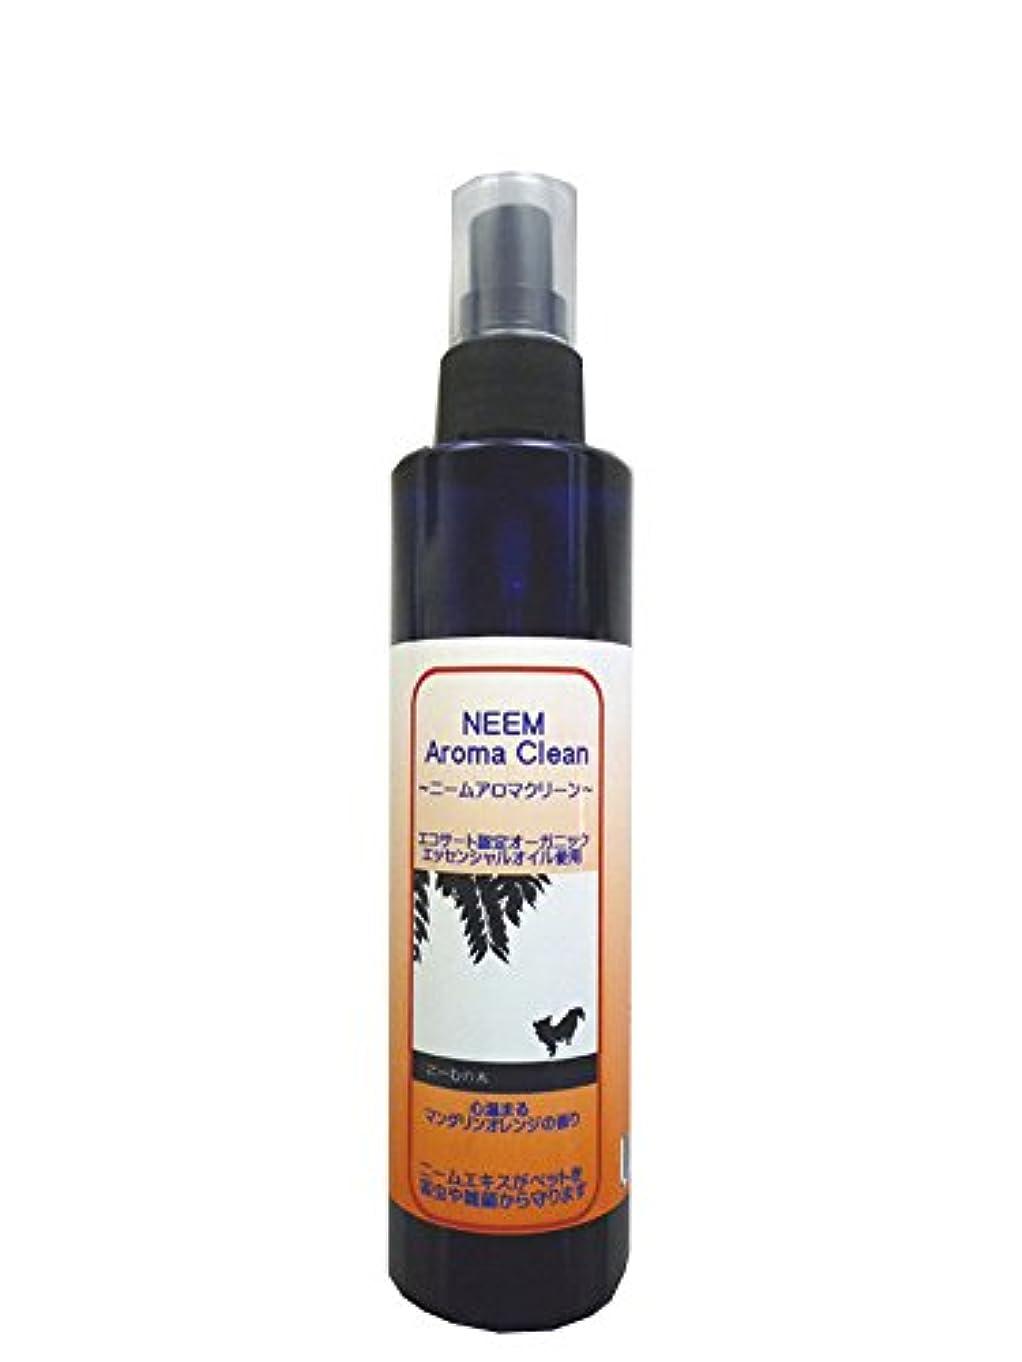 プログレッシブベギン家庭教師ニームアロマクリーン(マンダリンオレンジ) NEEM Aroma Clean 200ml 【BLOOM】【(ノミ?ダニ)駆除用としてもお使いいただけます。】